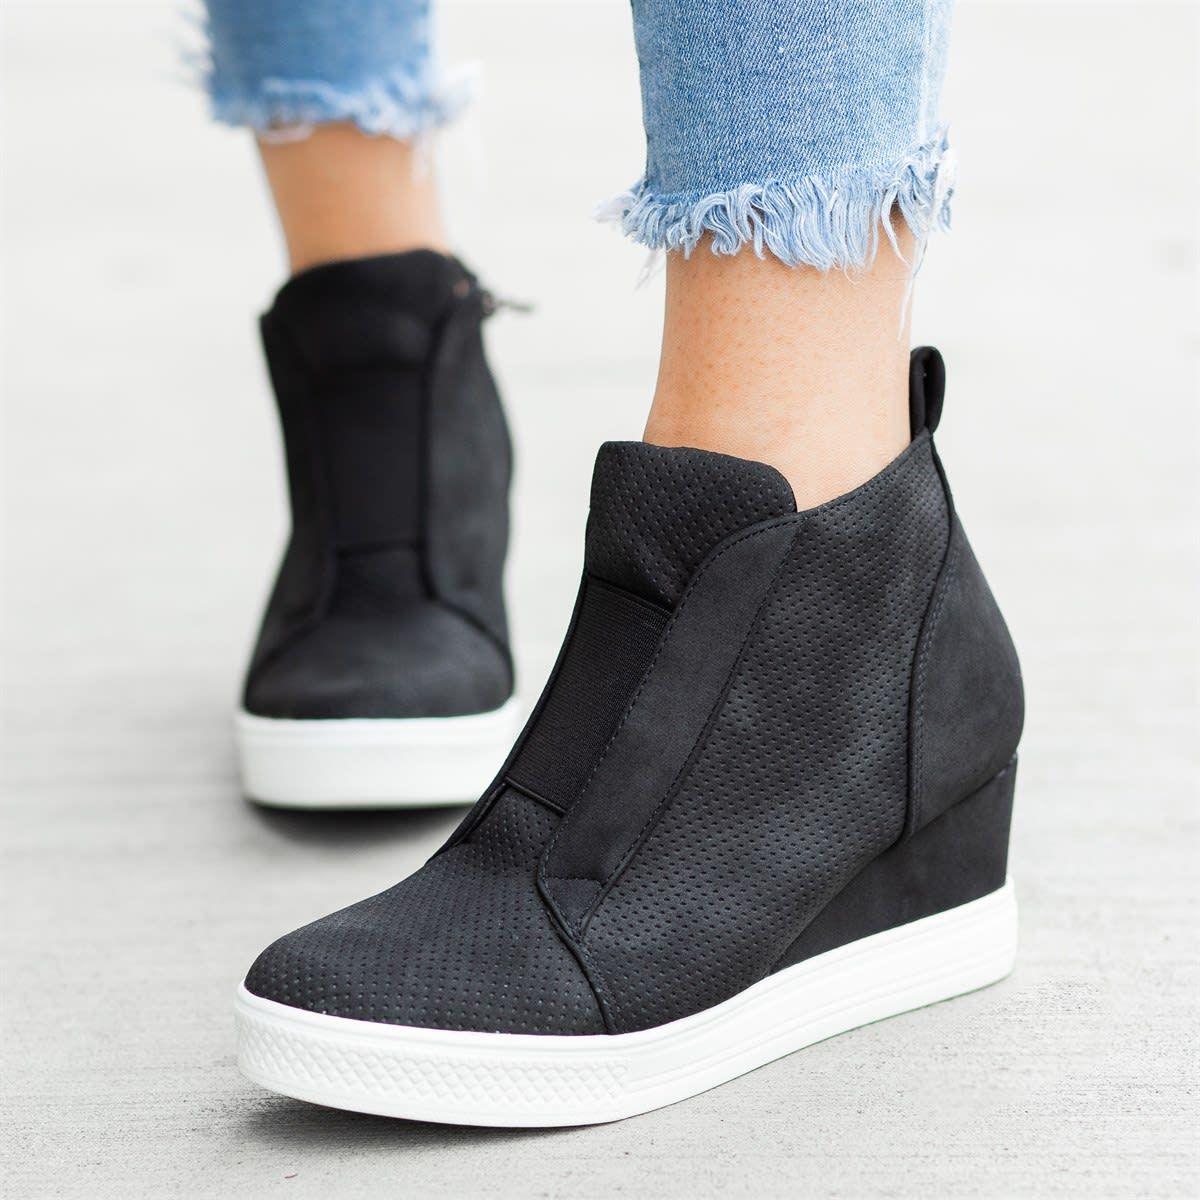 Trendy Sneaker Wedges | Wedge sneakers